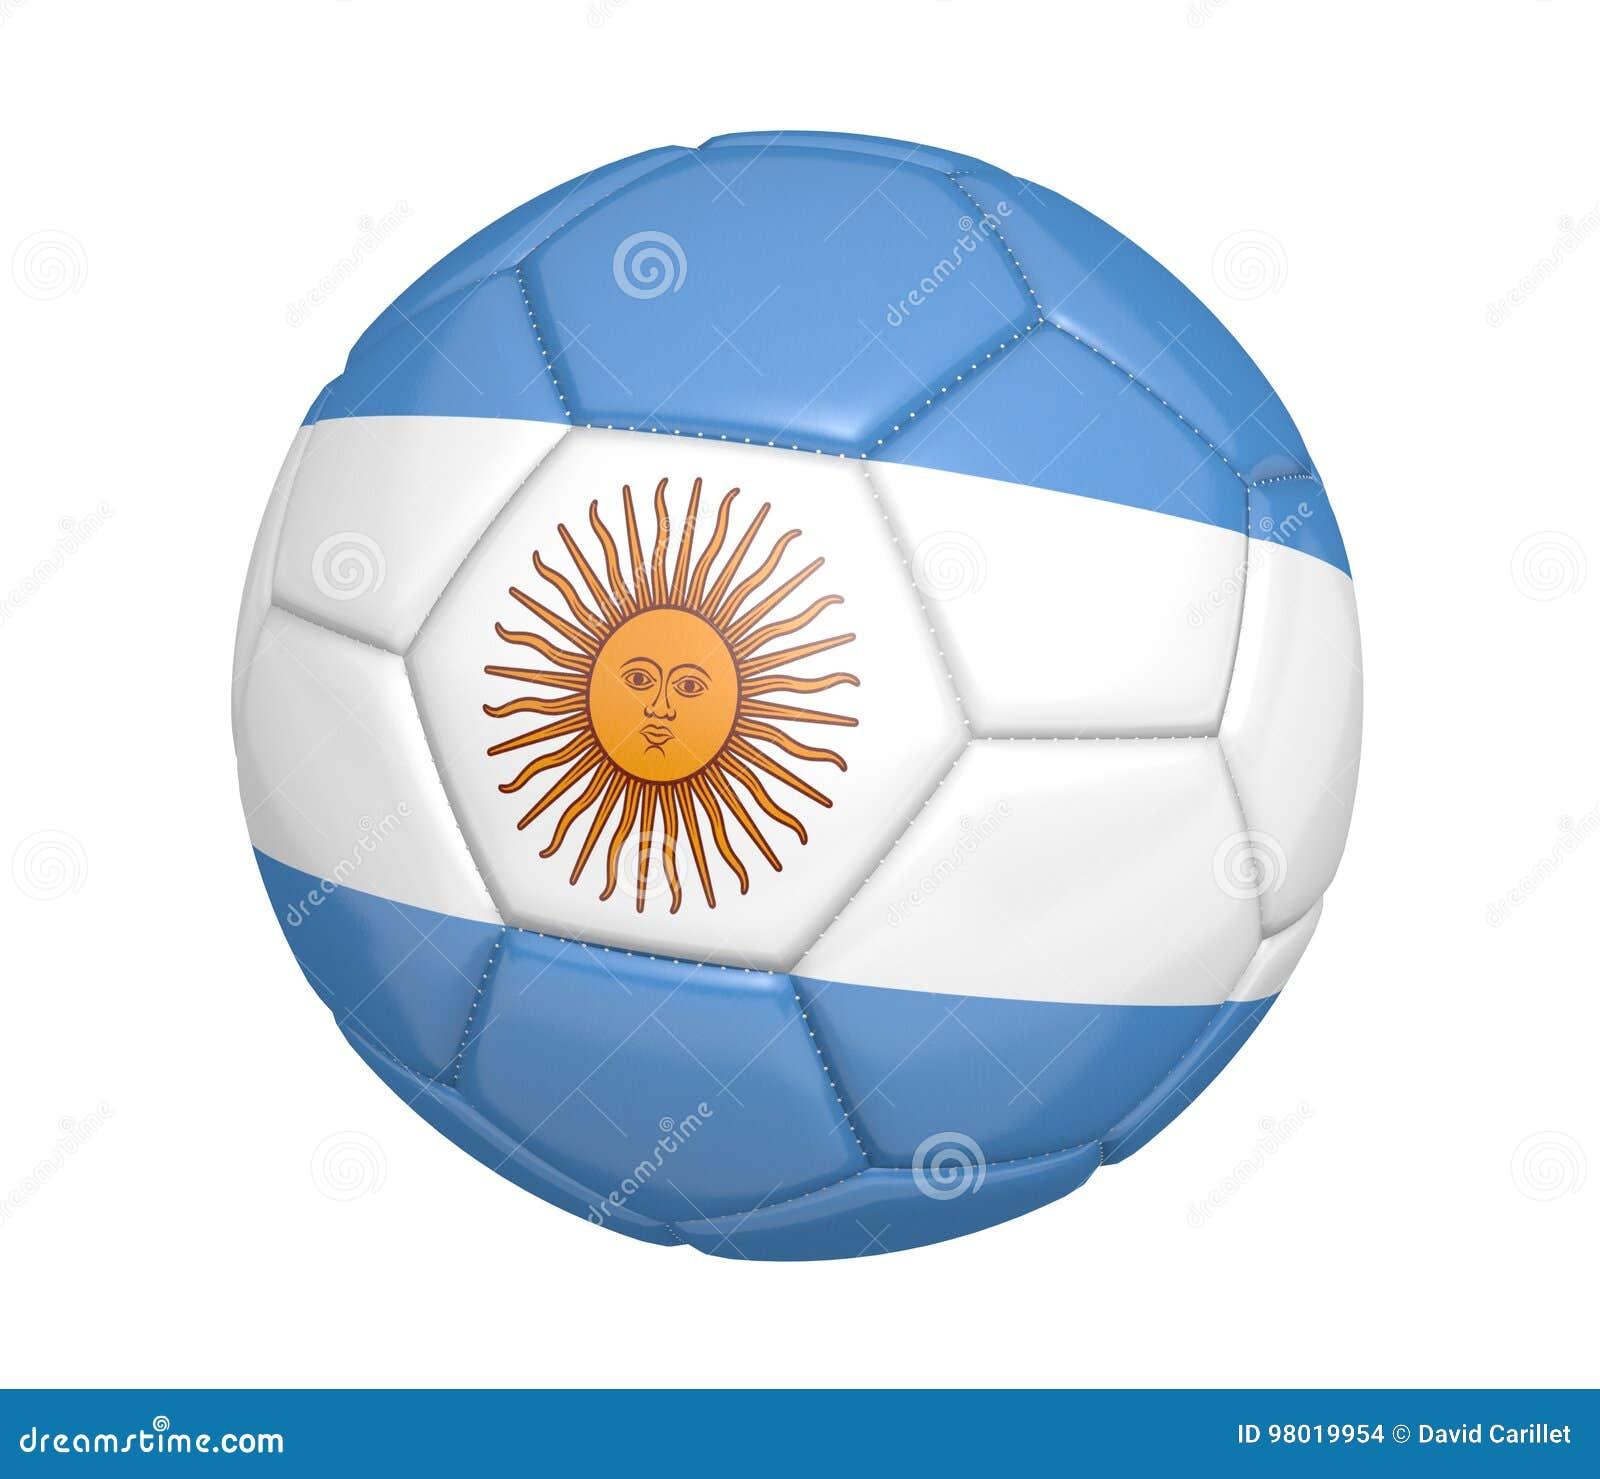 Изолированный футбольный мяч, или футбол, с флагом страны Аргентины